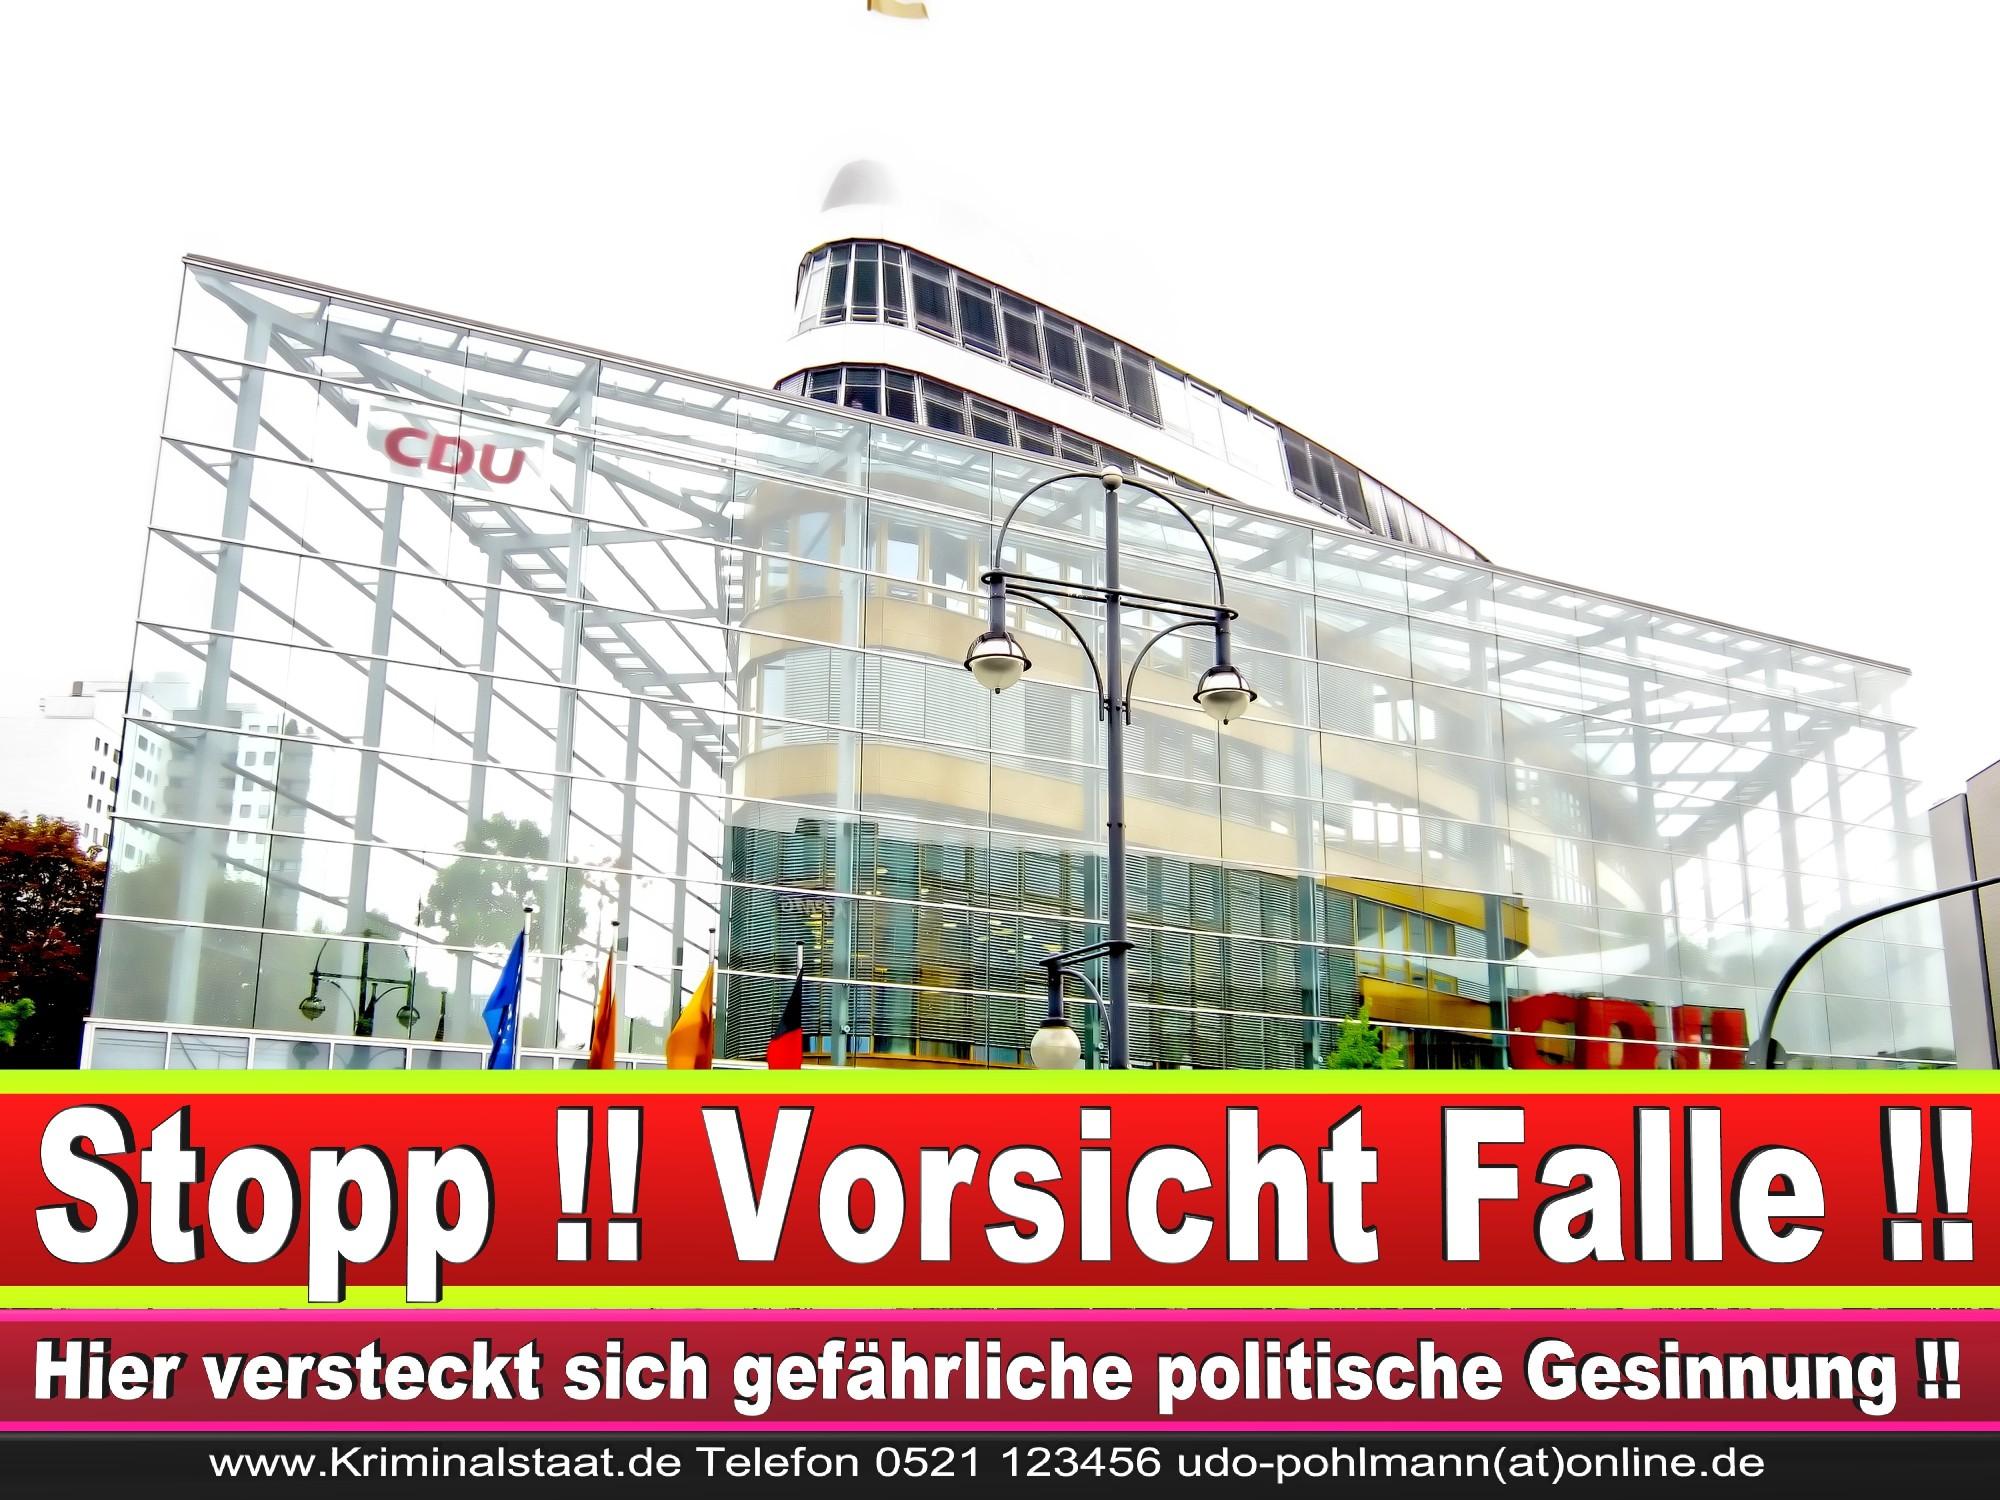 CDU Konrad Adenauerhaus CDU Berlin Deutsche Korruption Meldestelle 0521 123456 Edit